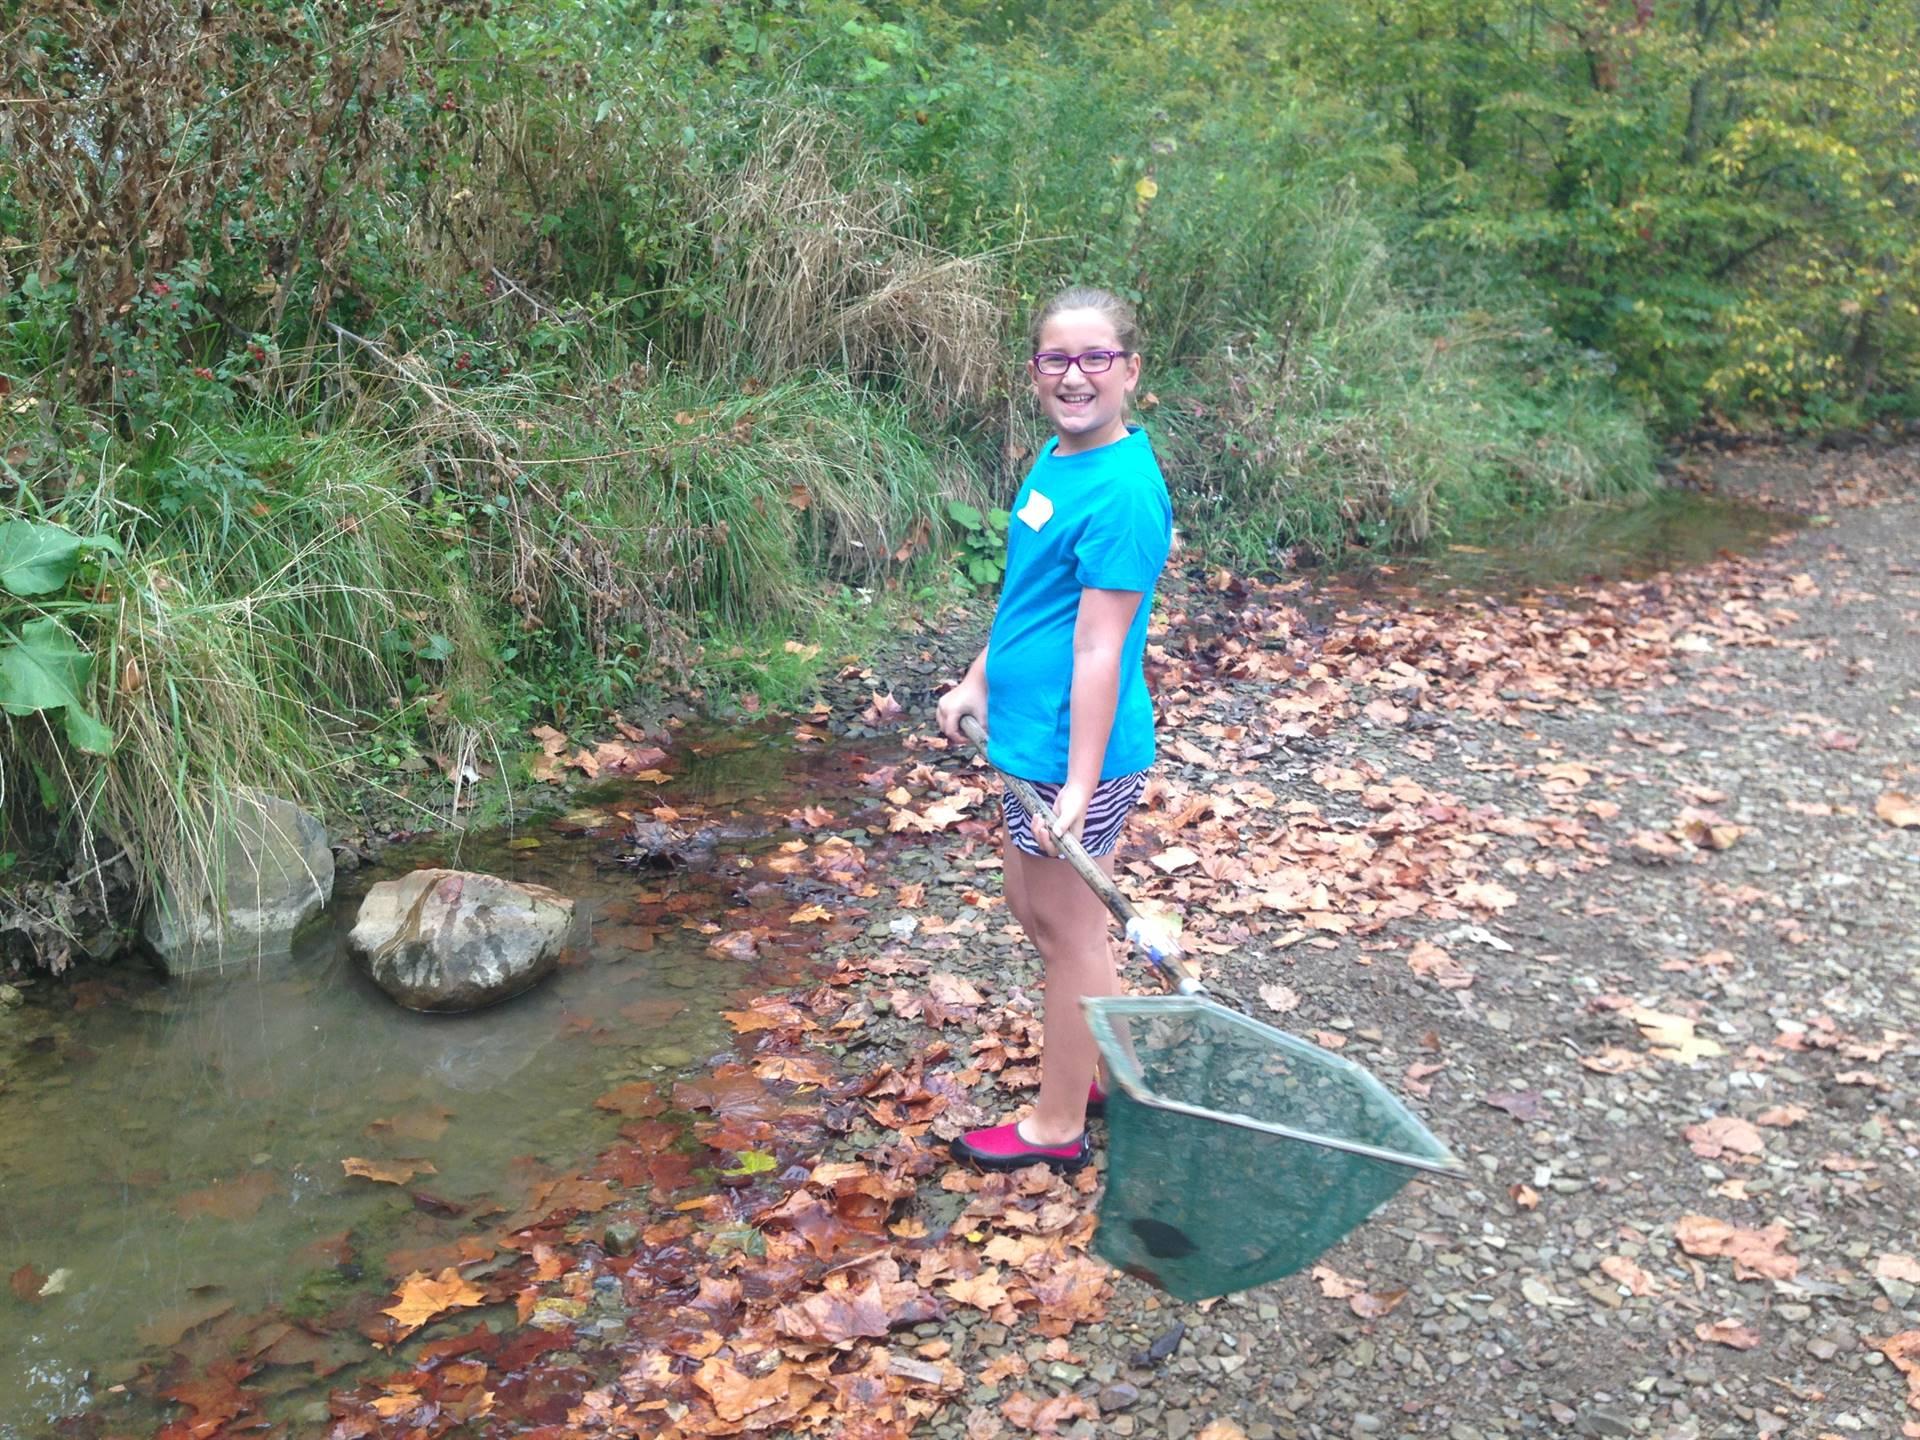 Metroparks netting stream critters